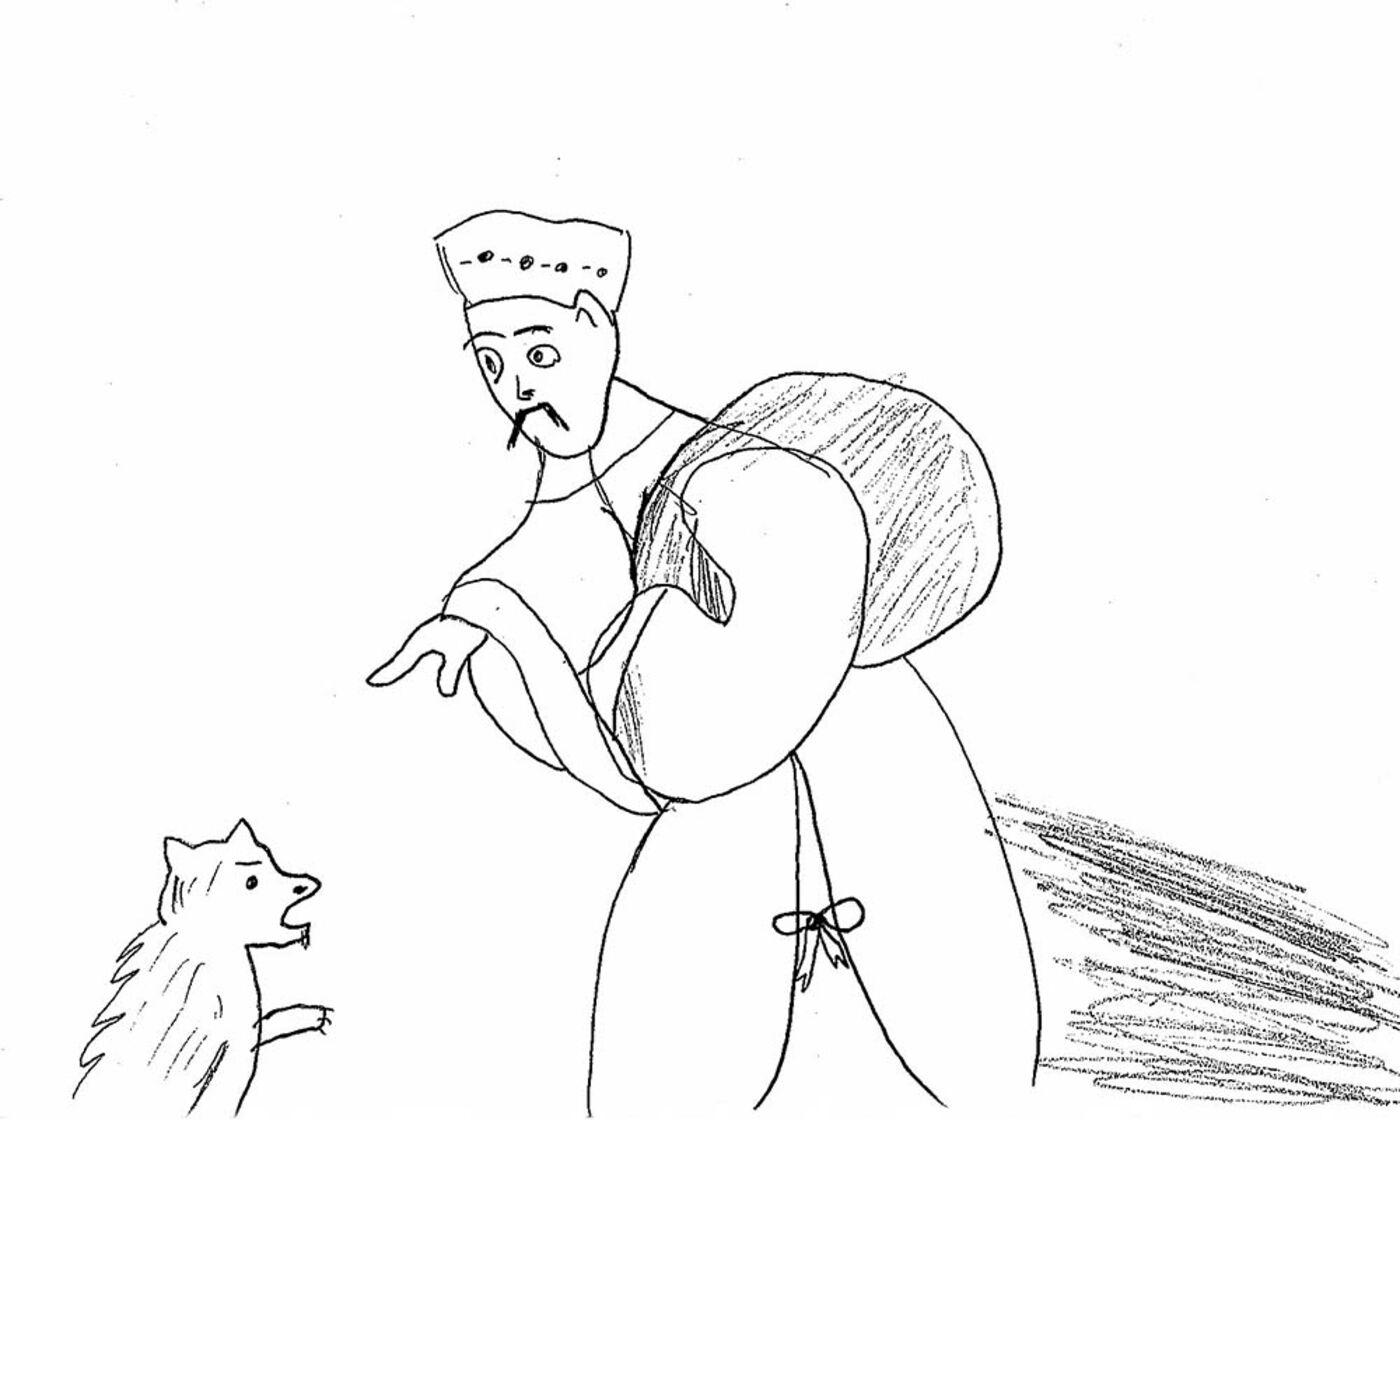 《寓言集 - 东郭先生和狼》